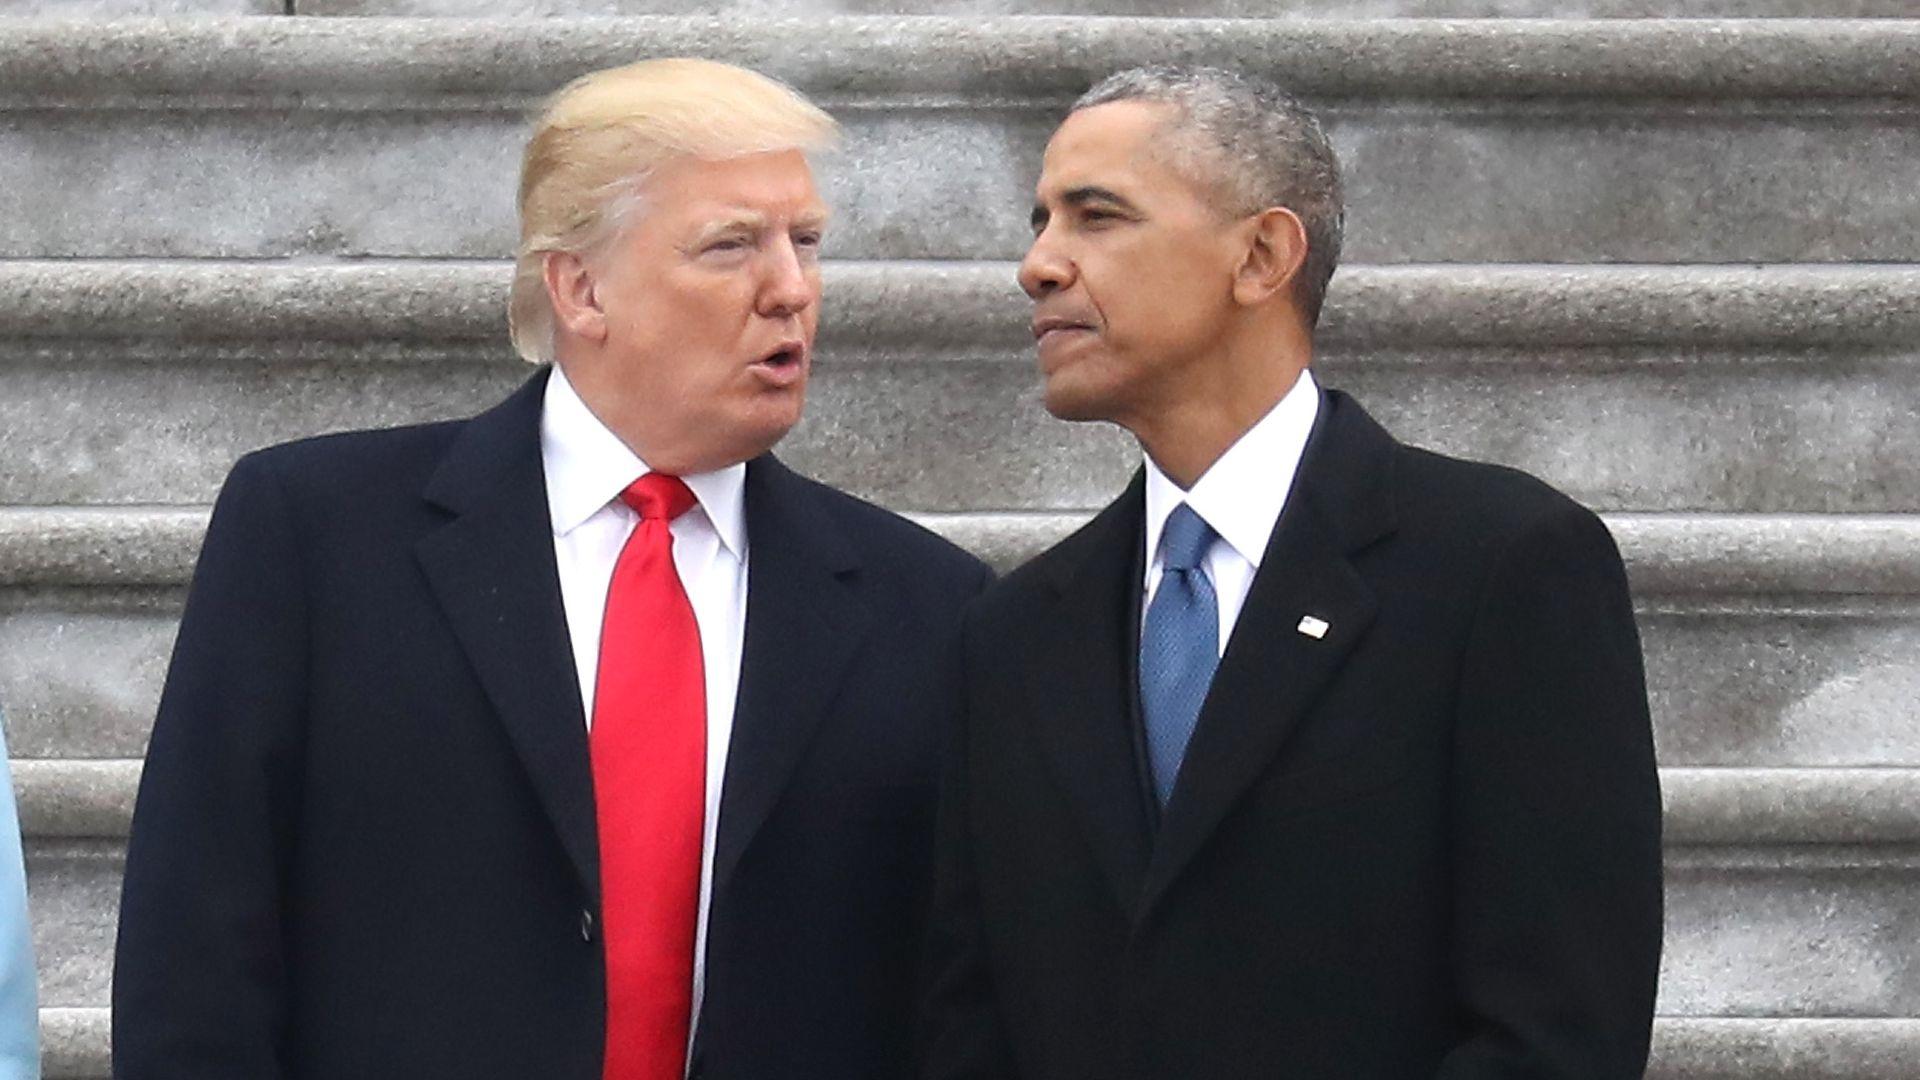 Obama Task Force Urges Improved Police >> Trump Abandoned Iran Nuclear Deal To Spite Obama U K Leak